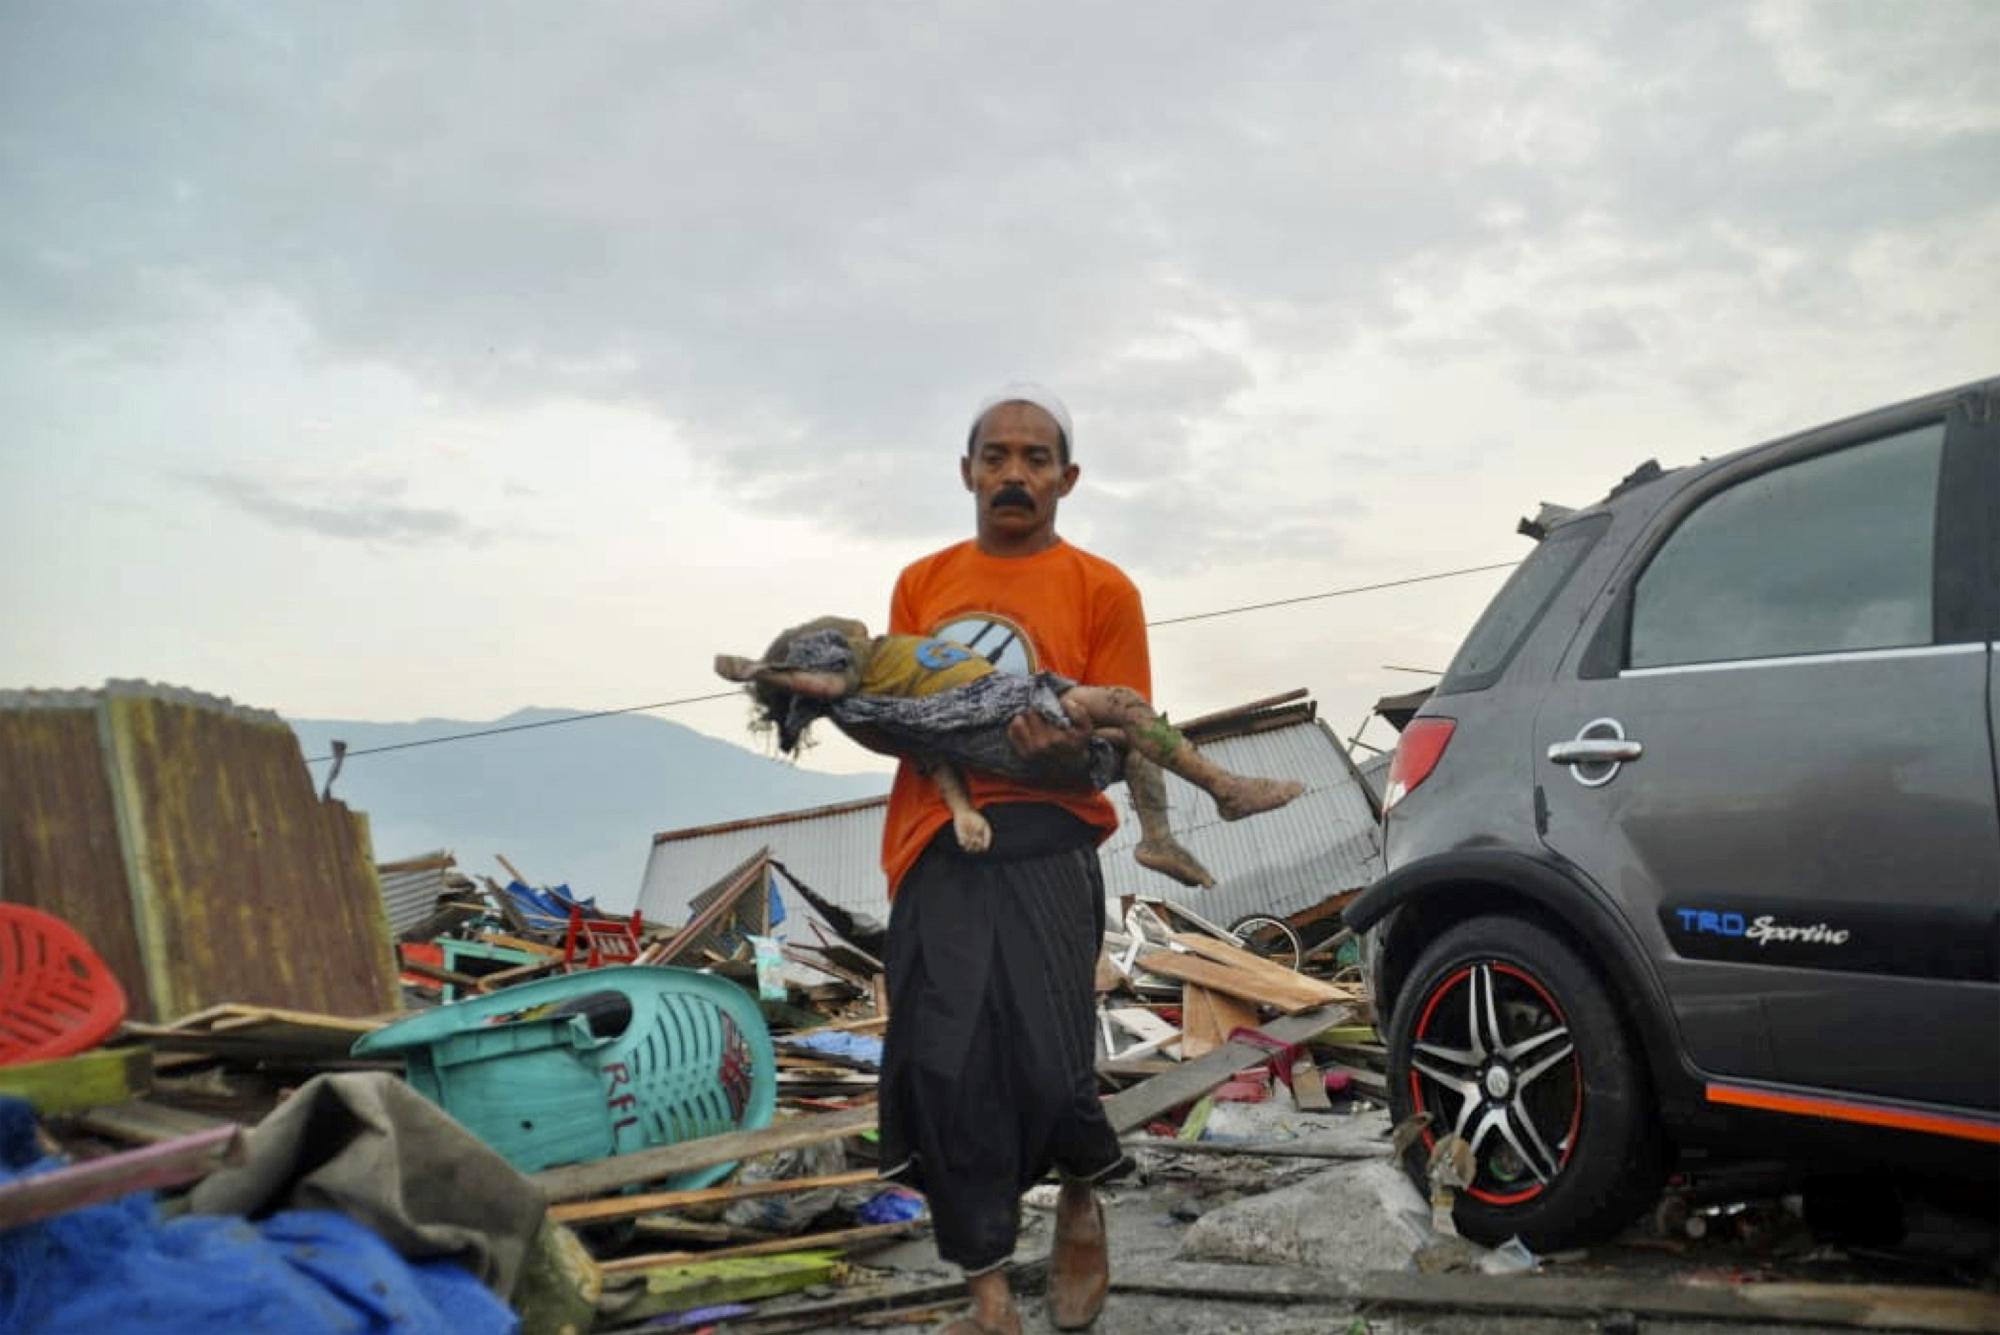 28일 규모 7.5 강진이 발생한 지 몇 시간 만에 쓰나미가 밀어닥친 인도네시아 술라웨시 섬 [AP 연합뉴스]